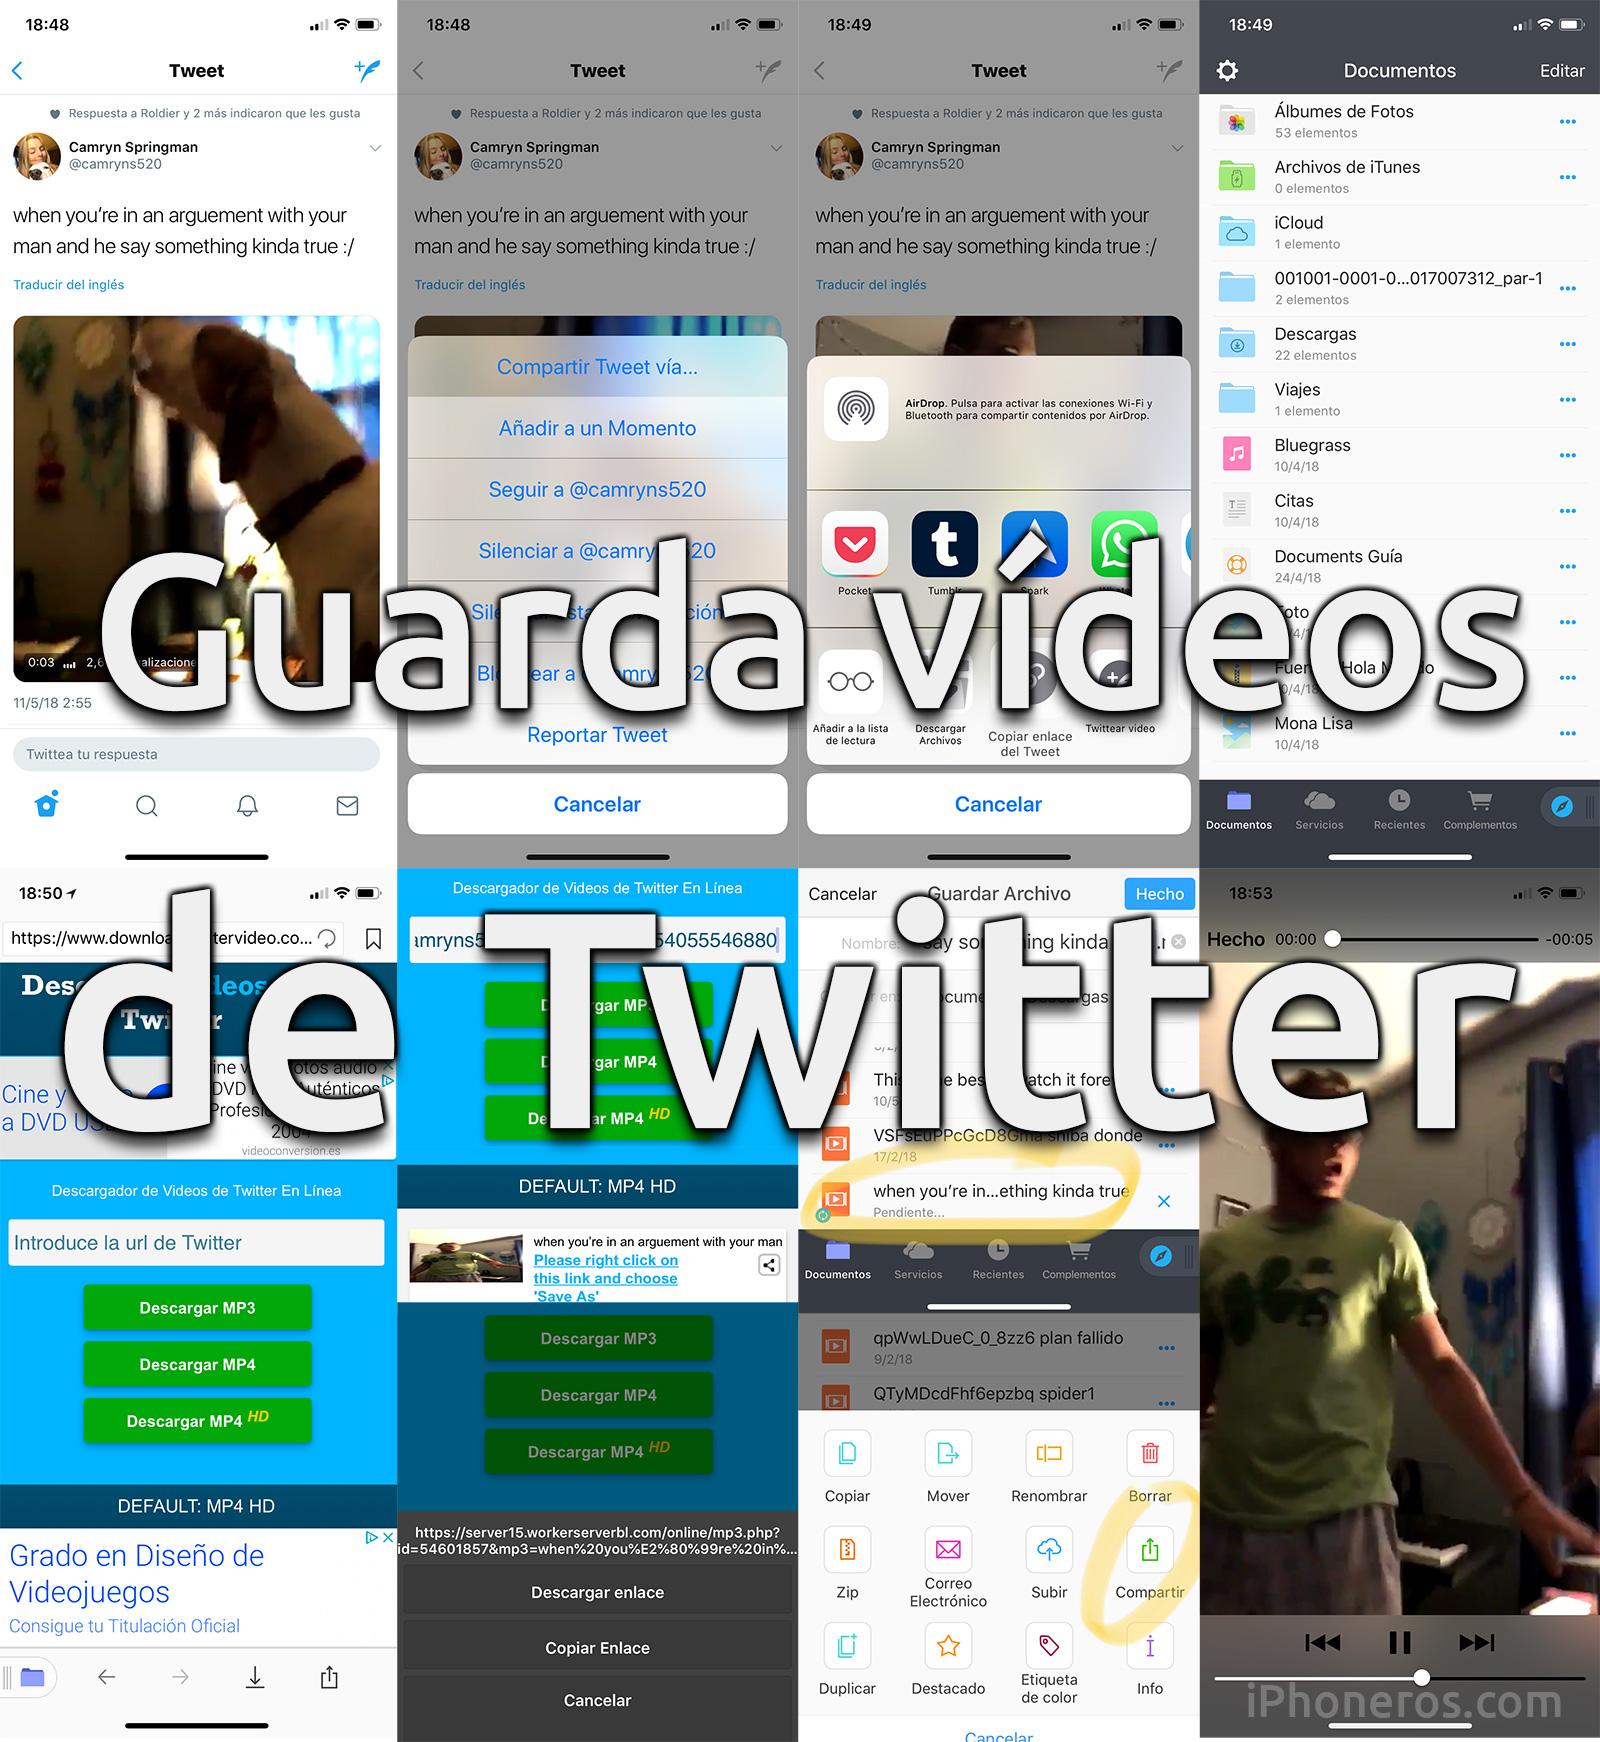 Guardar vídeos de Twitter en el iPhone